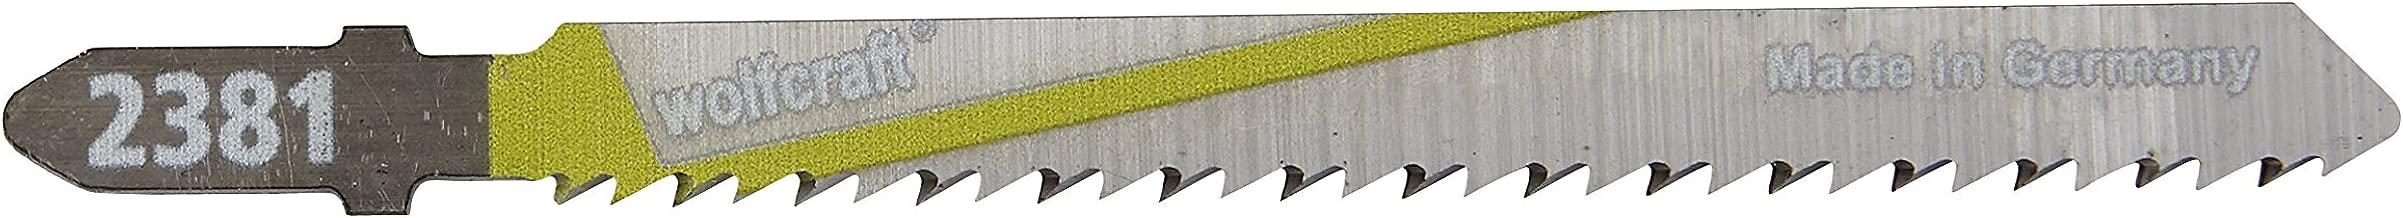 Metales no f/érreos Set de 2 Piezas INOX//Corte Fino//Hoja de Sierra para solicitaci/ón Extrema Wolfcraft 2388000 2388000-2 Hojas calar v/ástago en T//bimetal//chapas de Acero 1-3mm